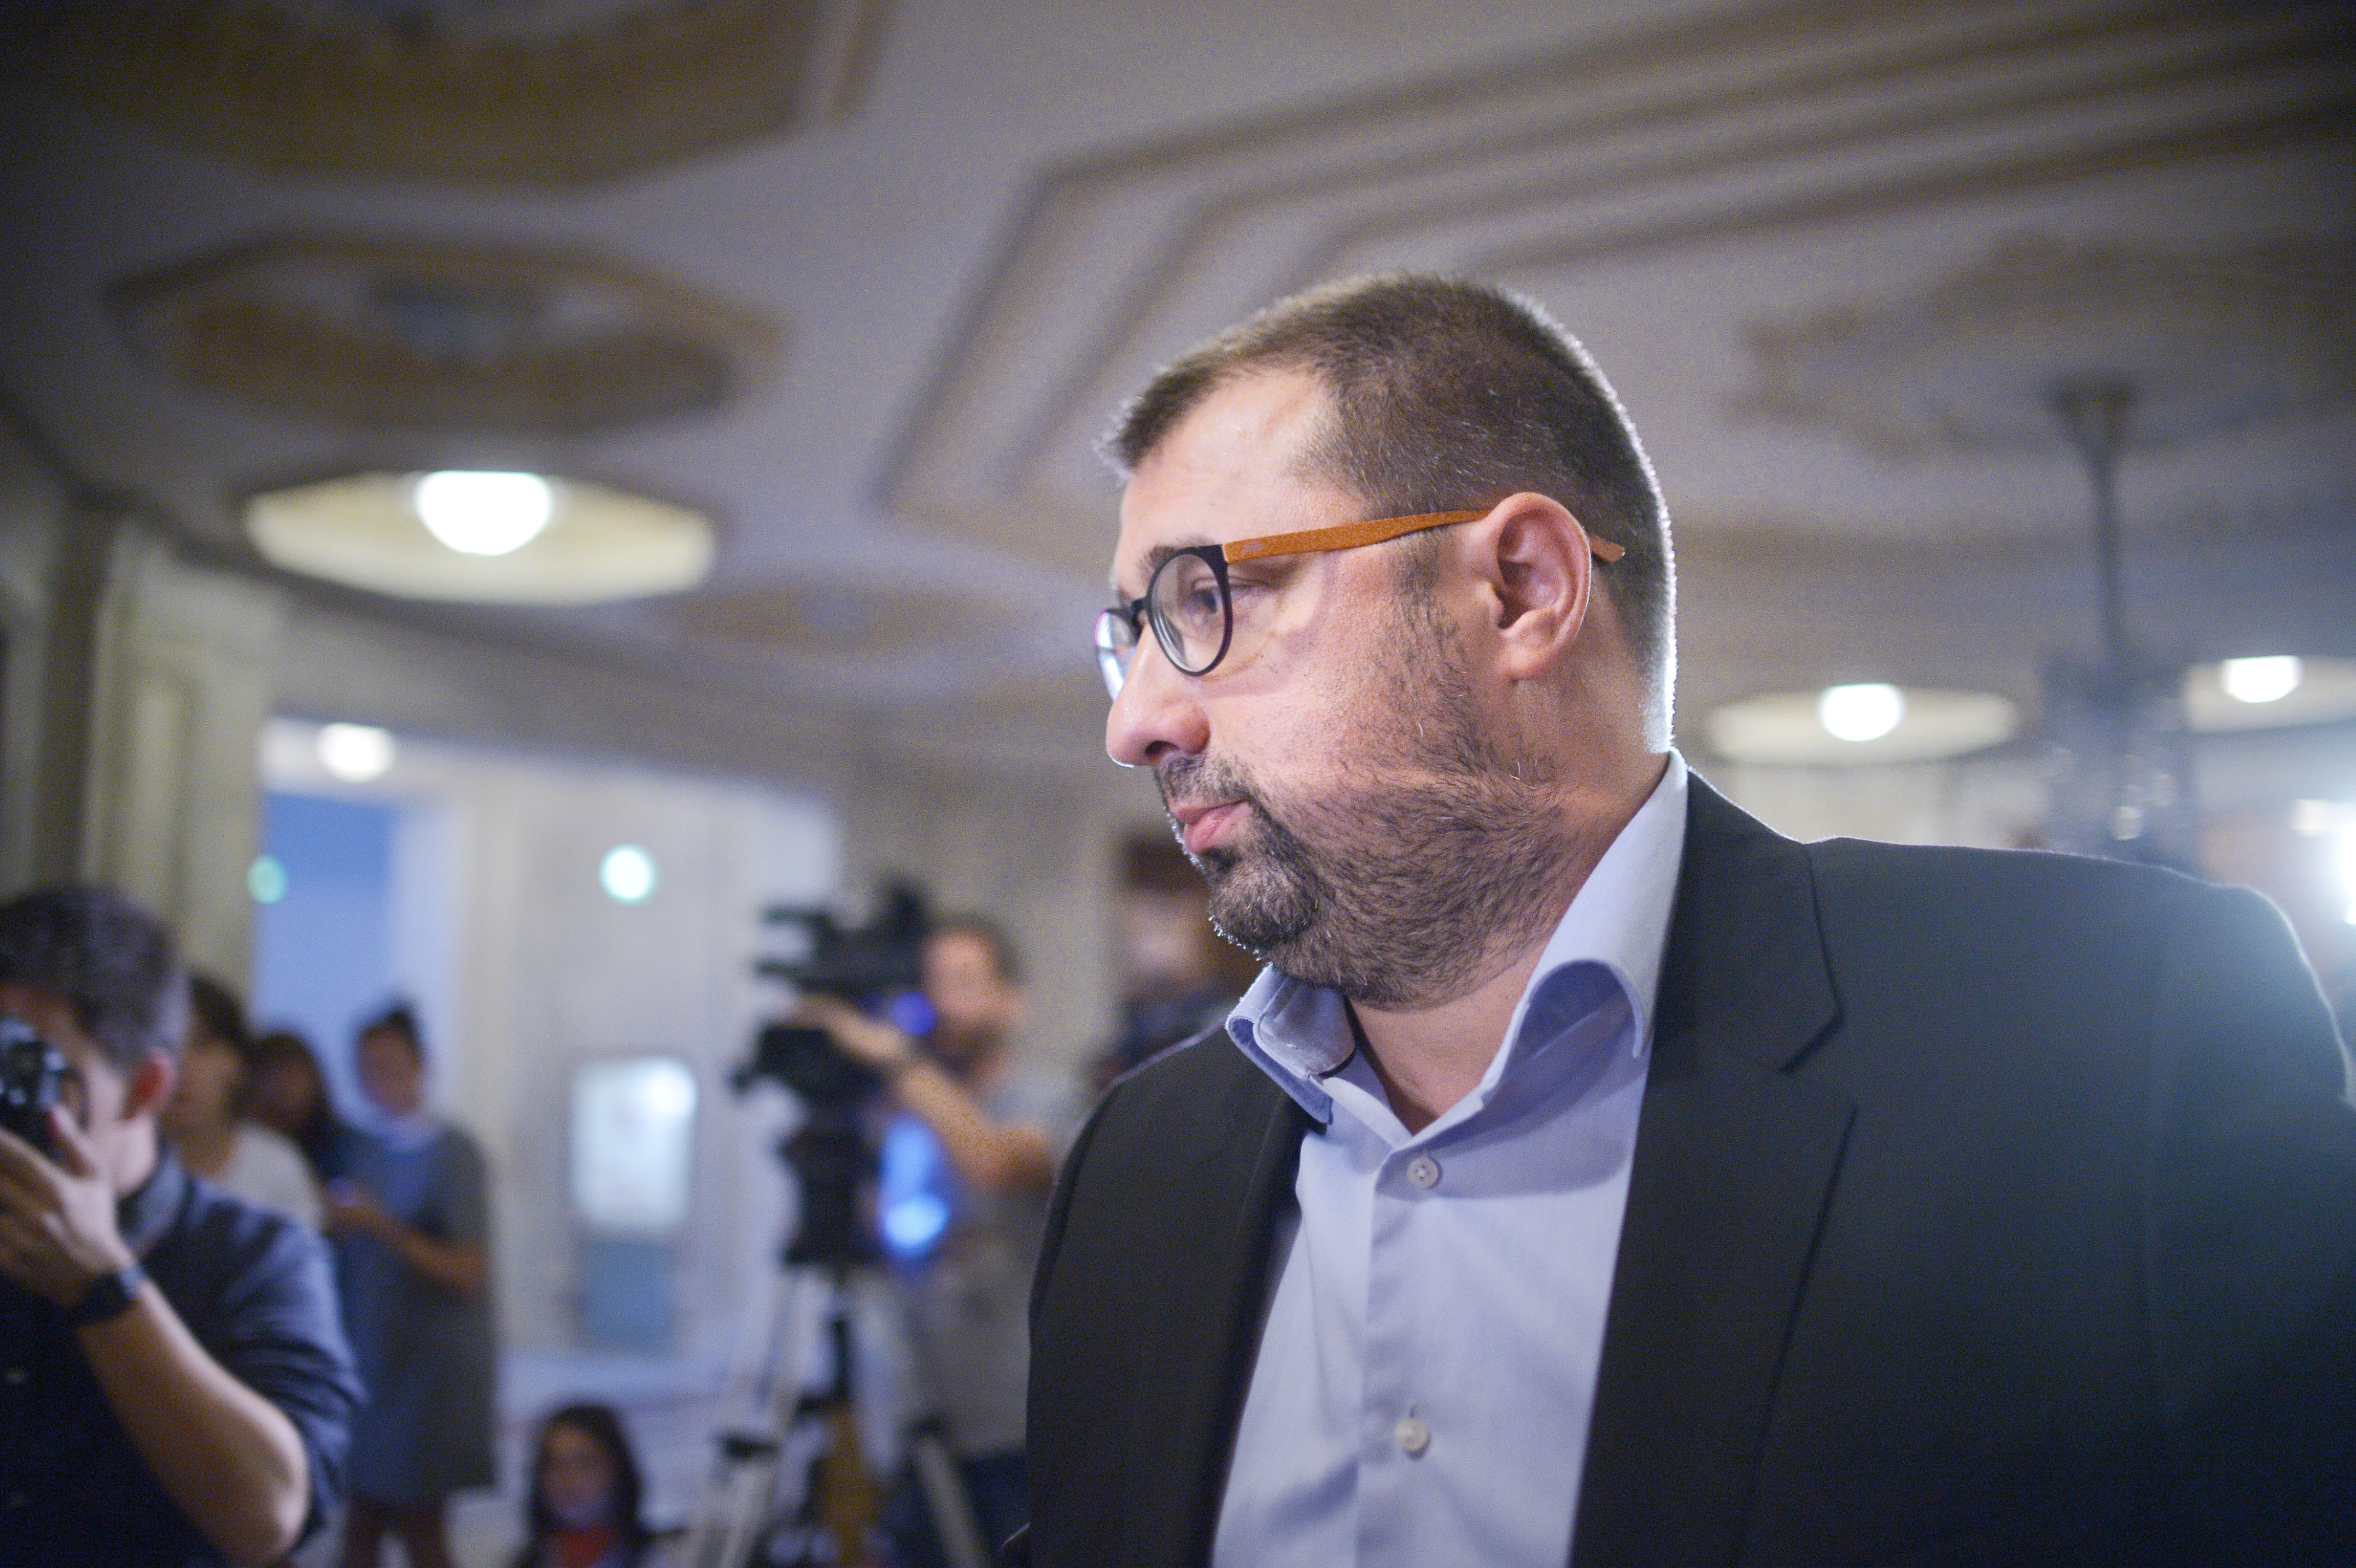 Daniel Dragomir: În SUA, statul paralel este clar prezentat. Acelaşi lucru se întâmplă şi în România